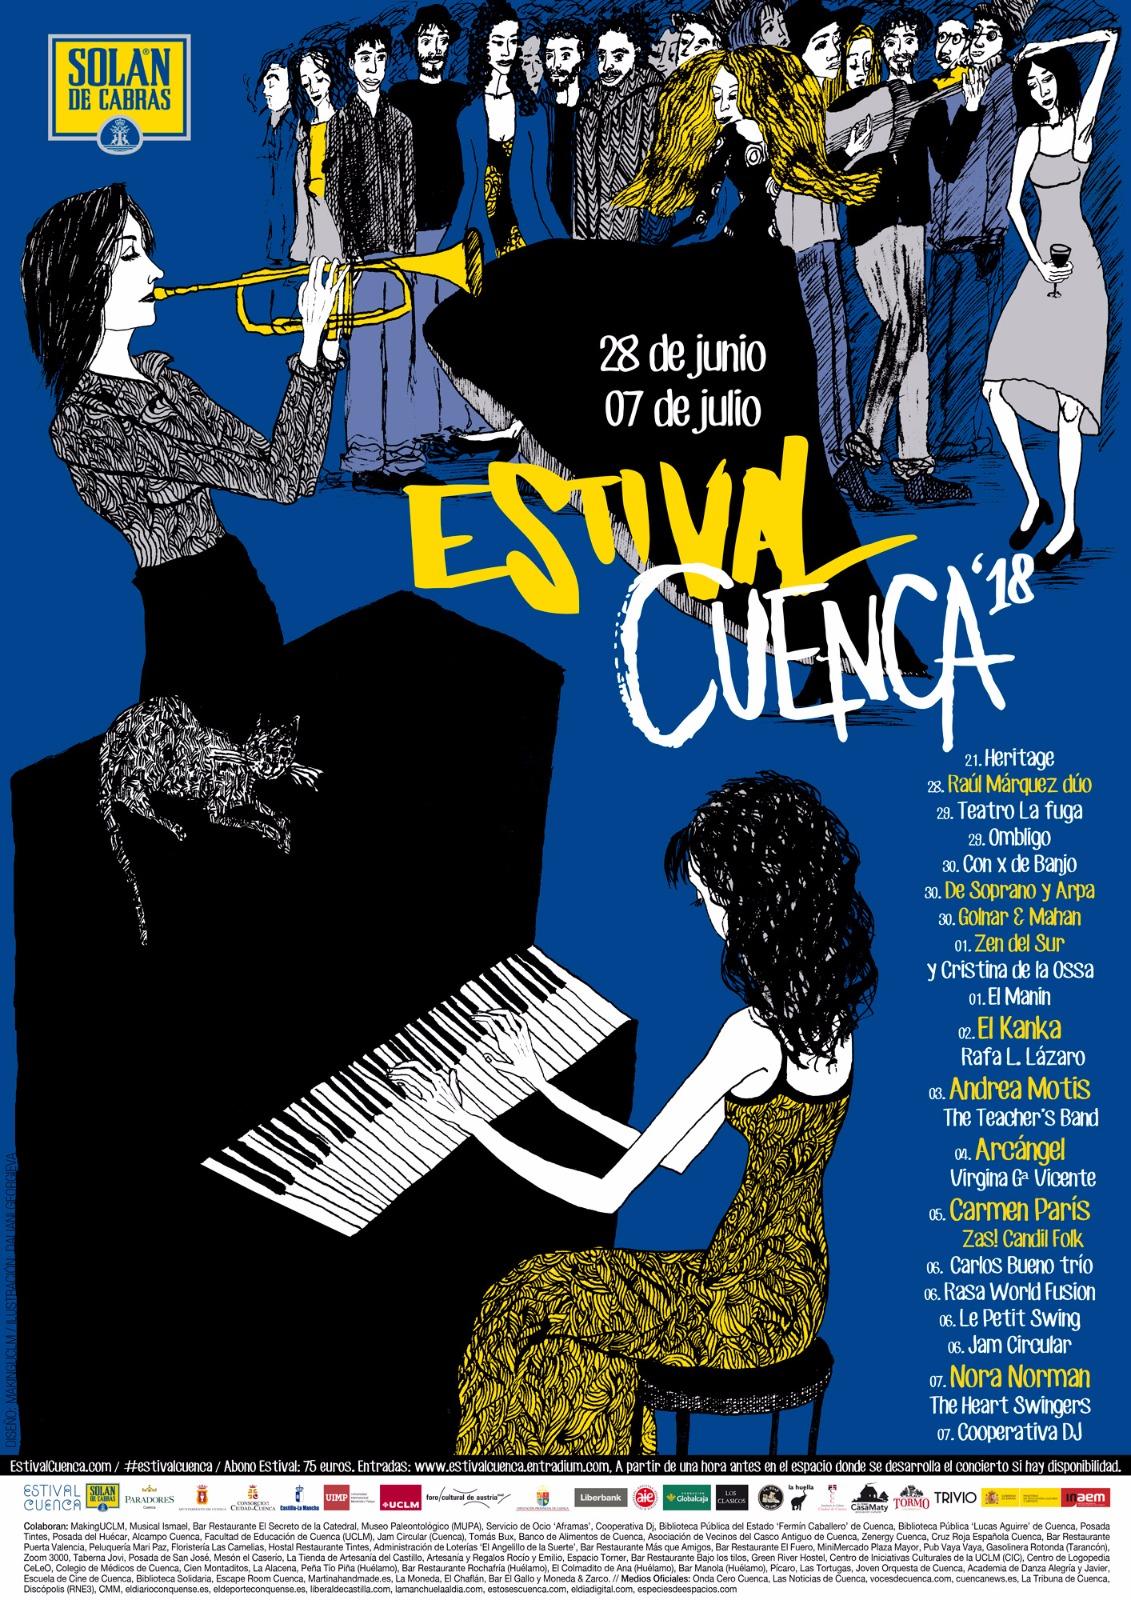 Pinceladas internacionales ilustran el cartel de Estival Cuenca 18